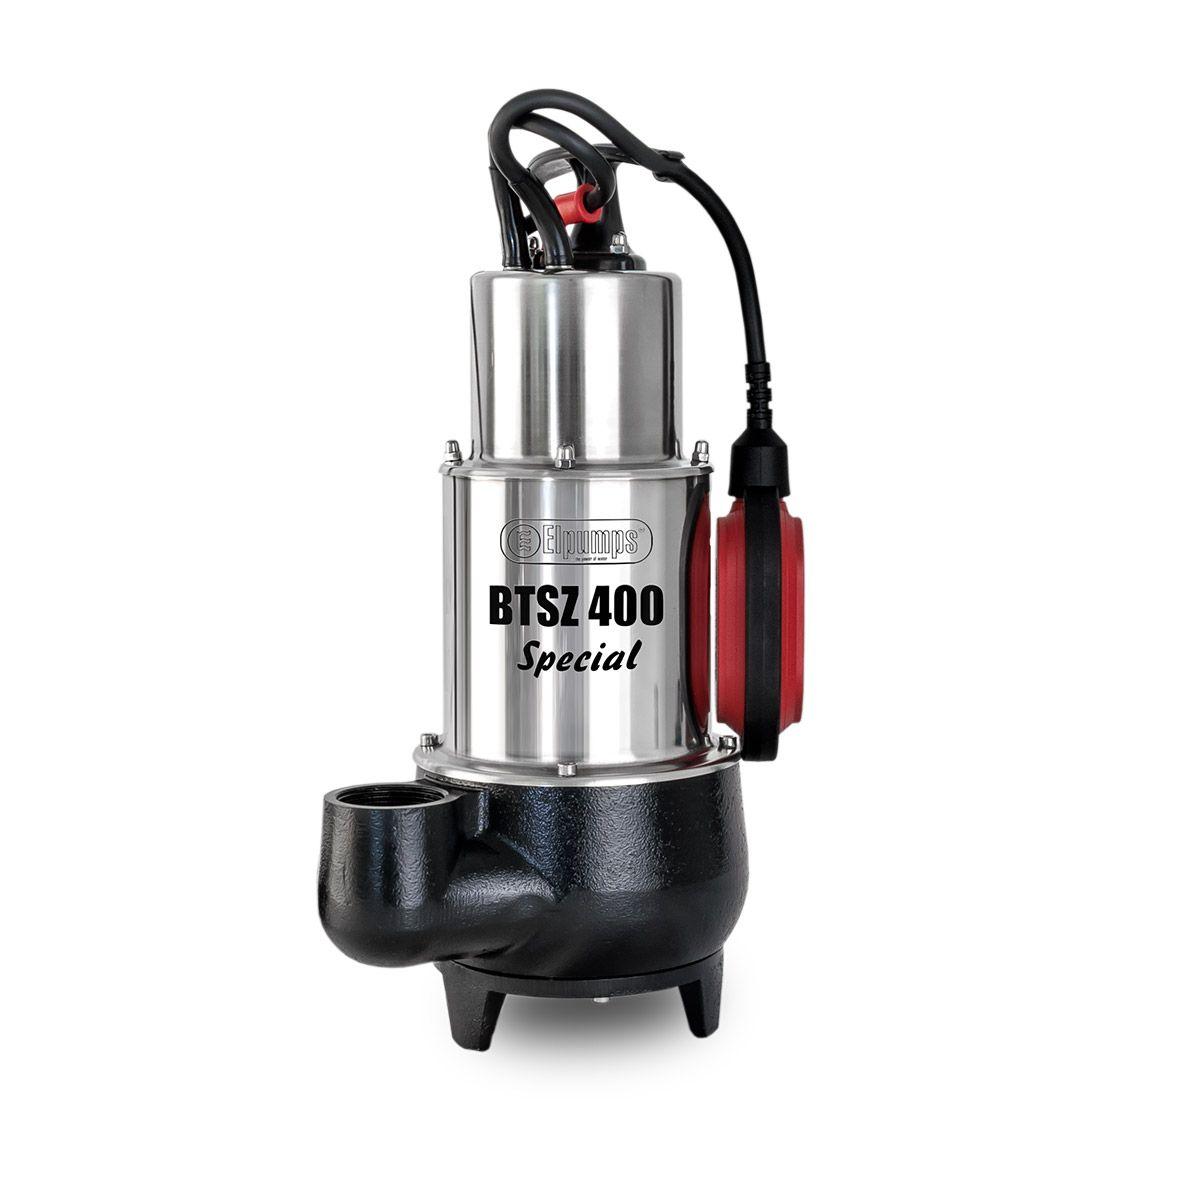 Schmutzwasserpumpe BTSZ 400